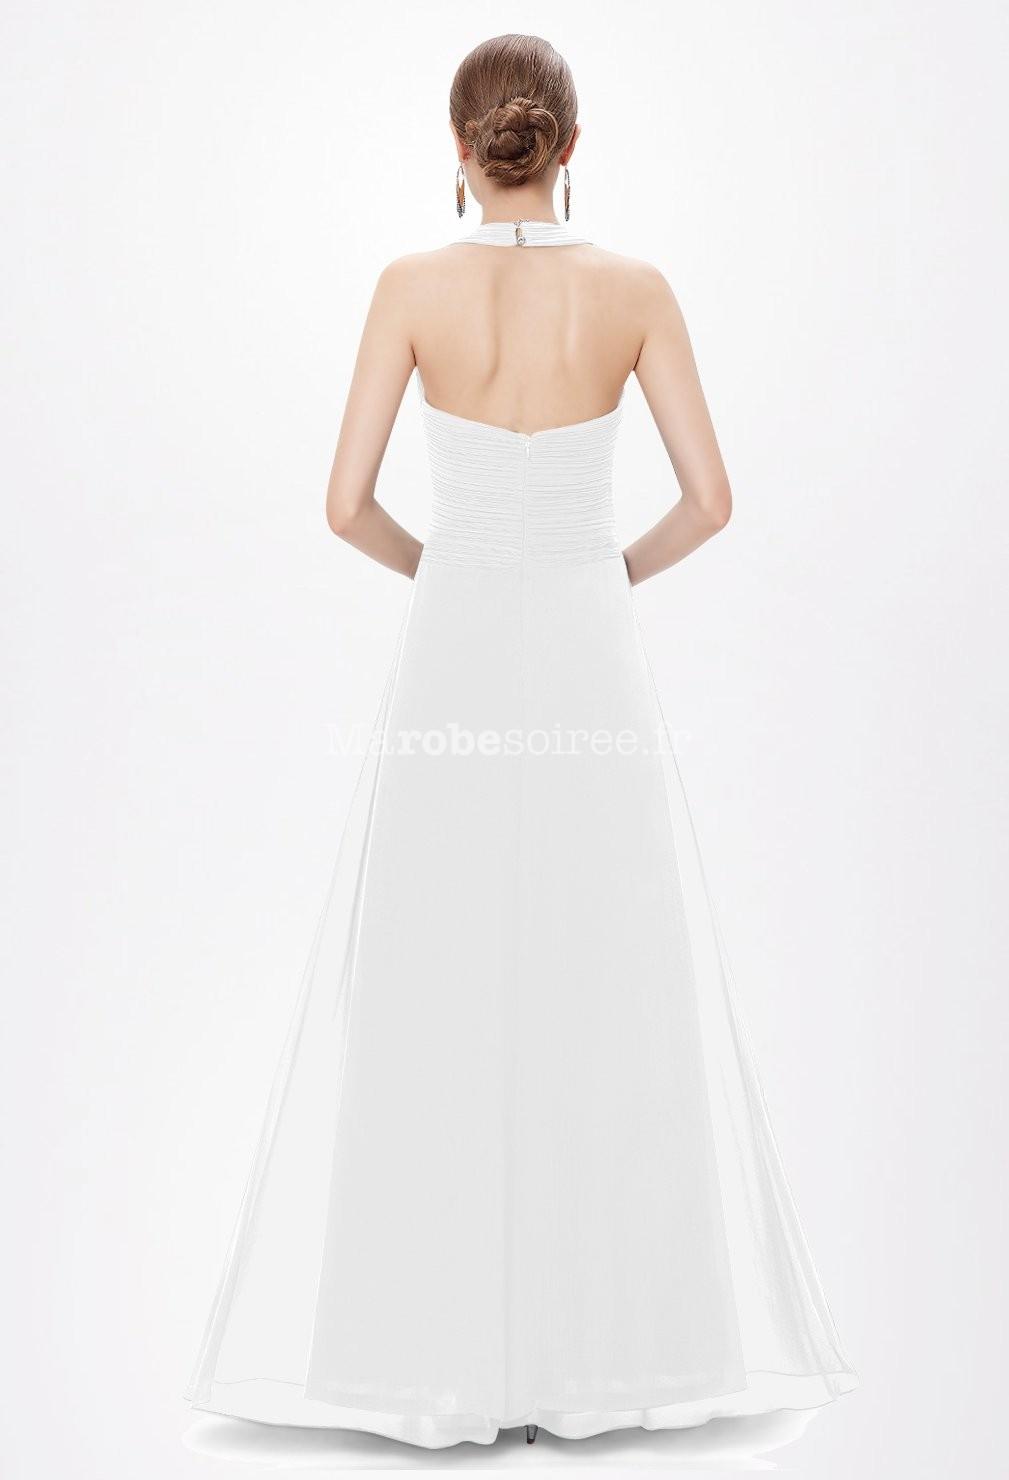 Robe de mariée simple et fluide dos nu réf EP8487 en Mousseline